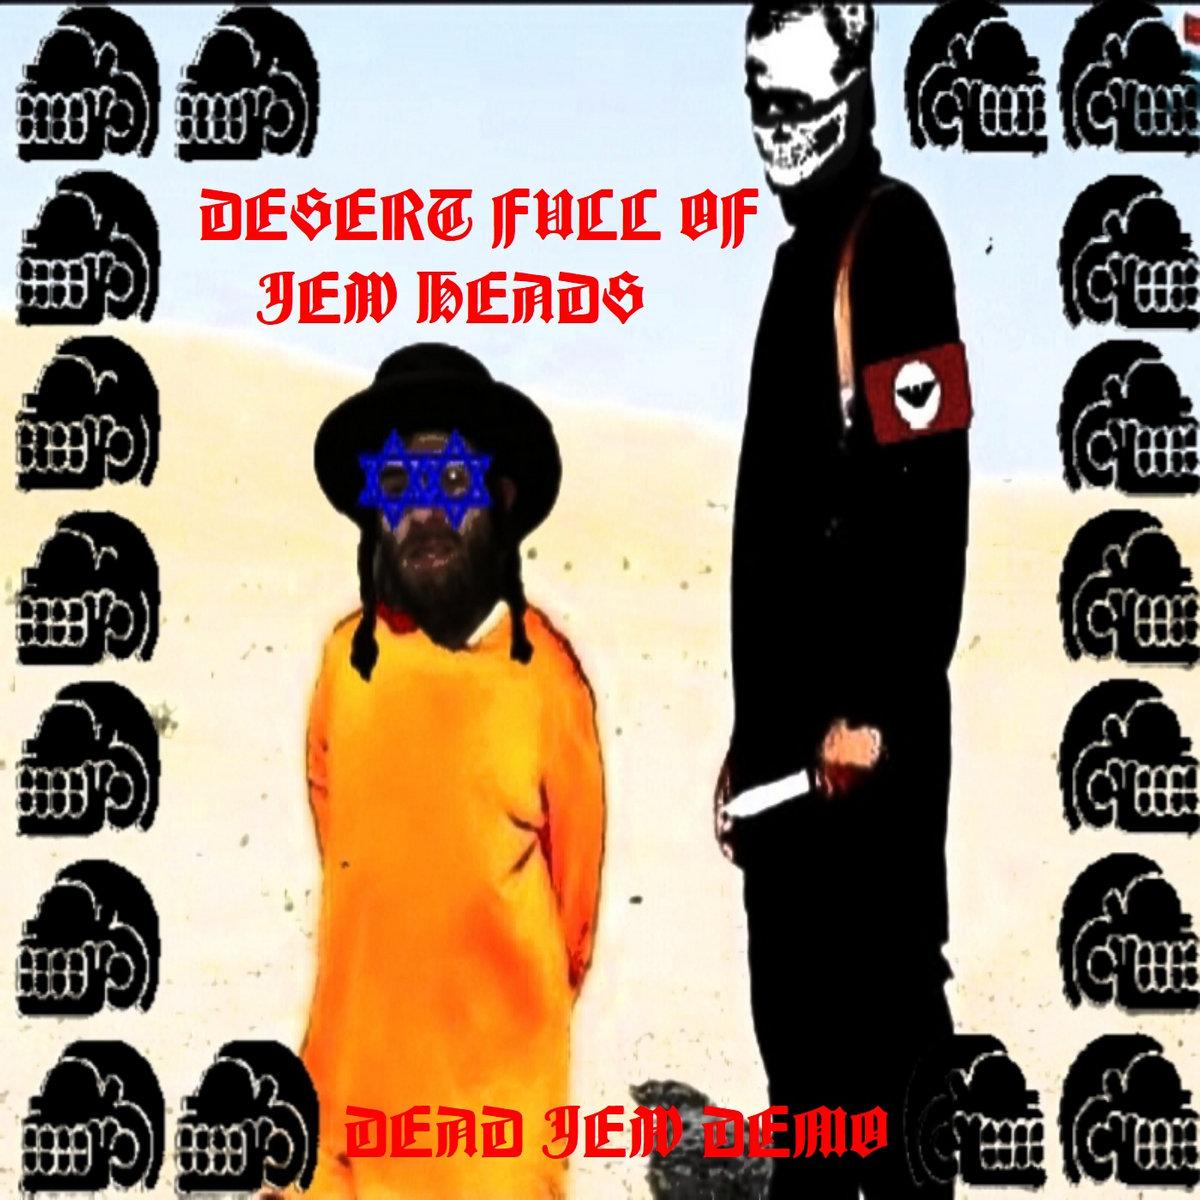 OCCULT FASCISM   DESERTFULLOFJEWHEADS